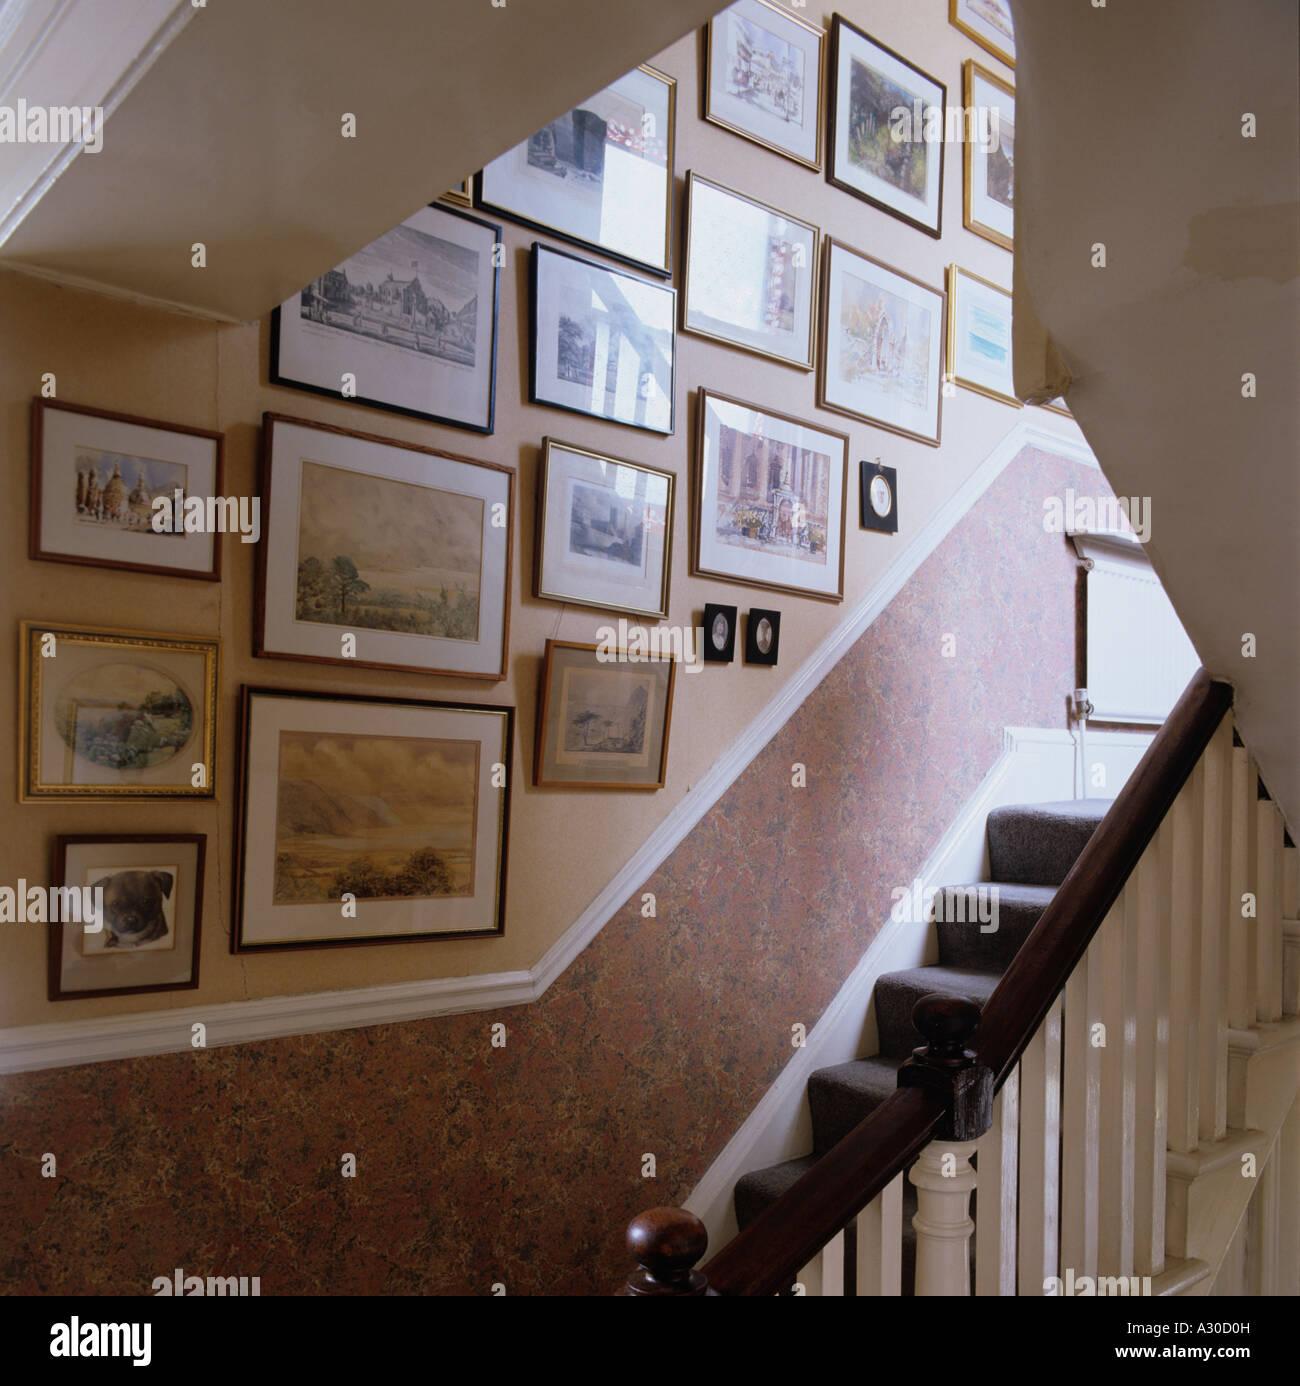 Escalier et mur d'images et de dessins Photo Stock